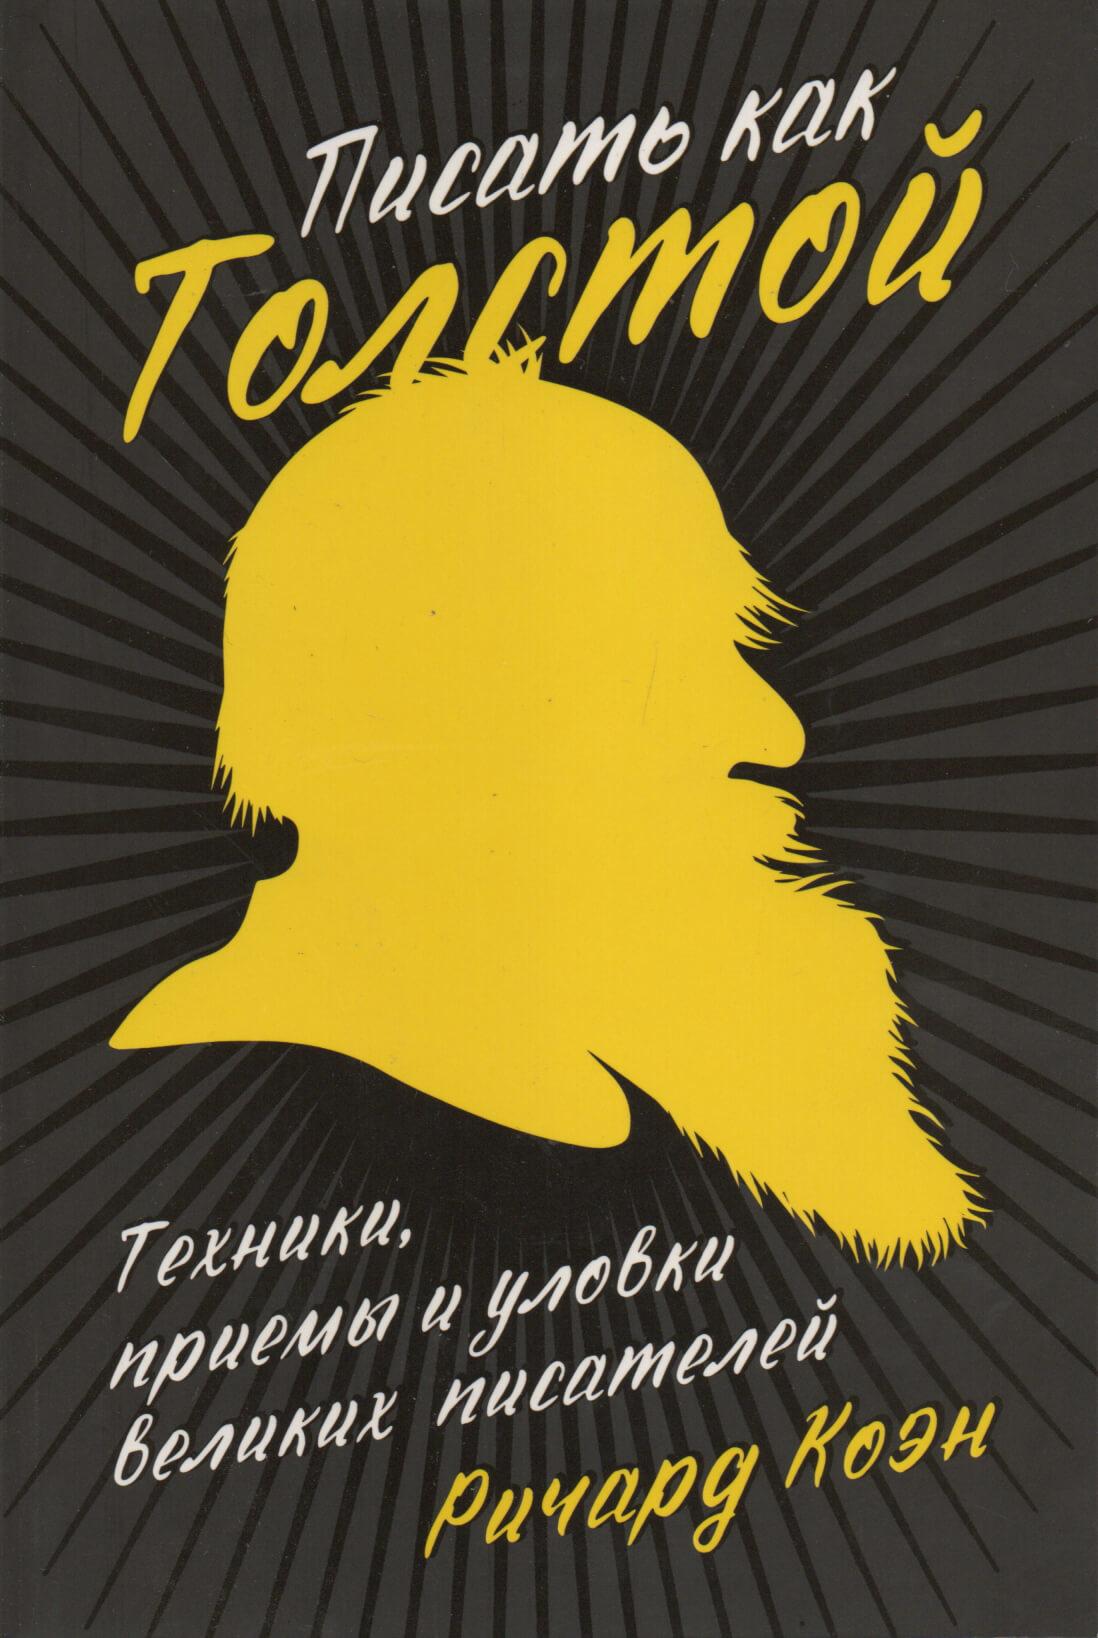 Писать как Толстой. Техники, приемы и уловки великих писателей. Автор — Ричард Коэн. Переплет —